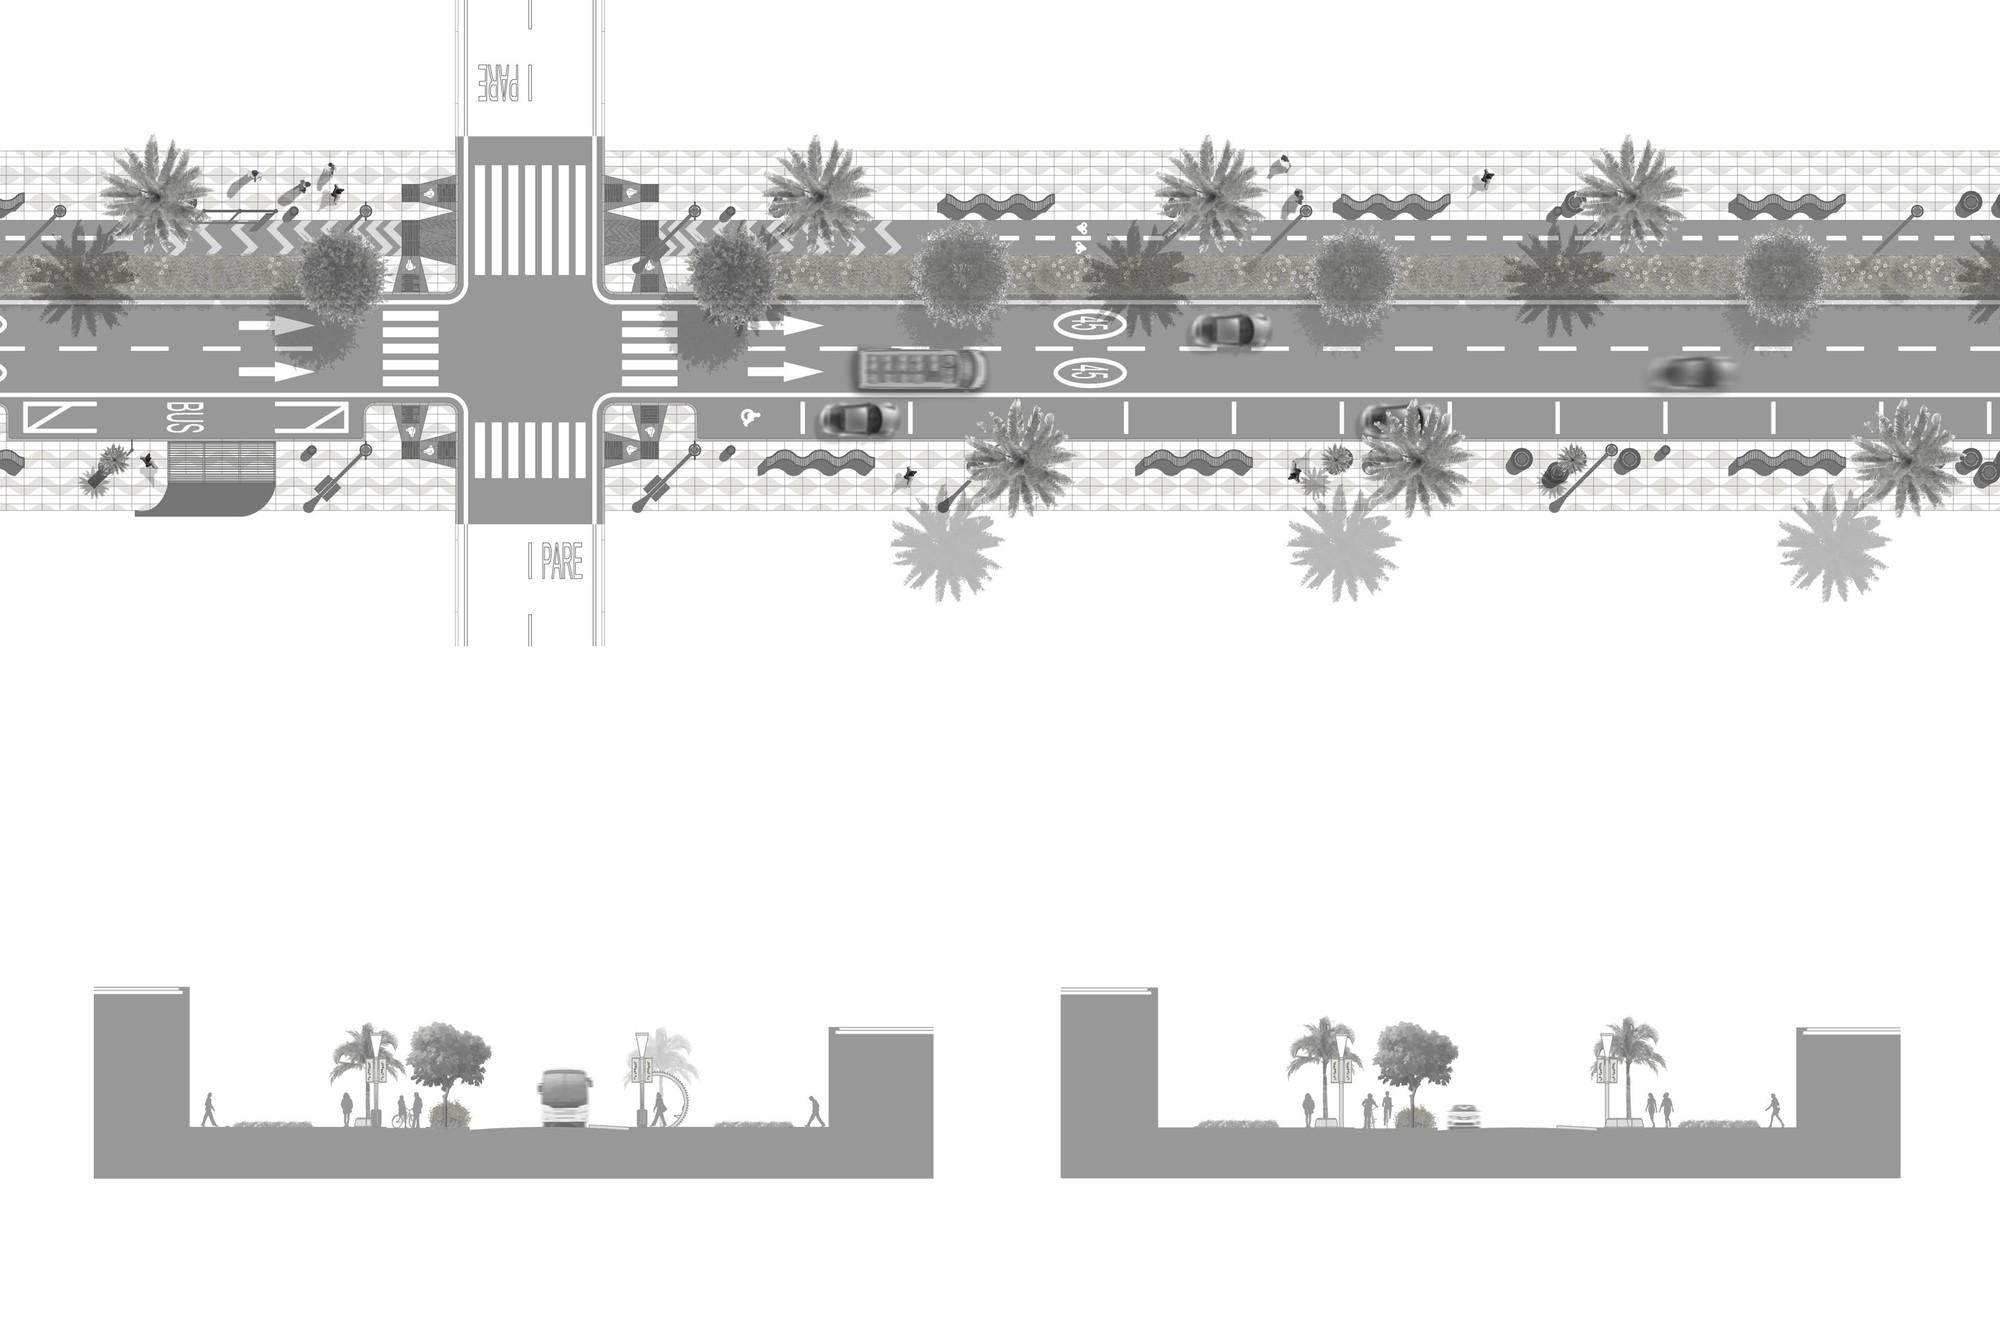 Cortesia de Estudio Leonardo Noguez Arquitectos